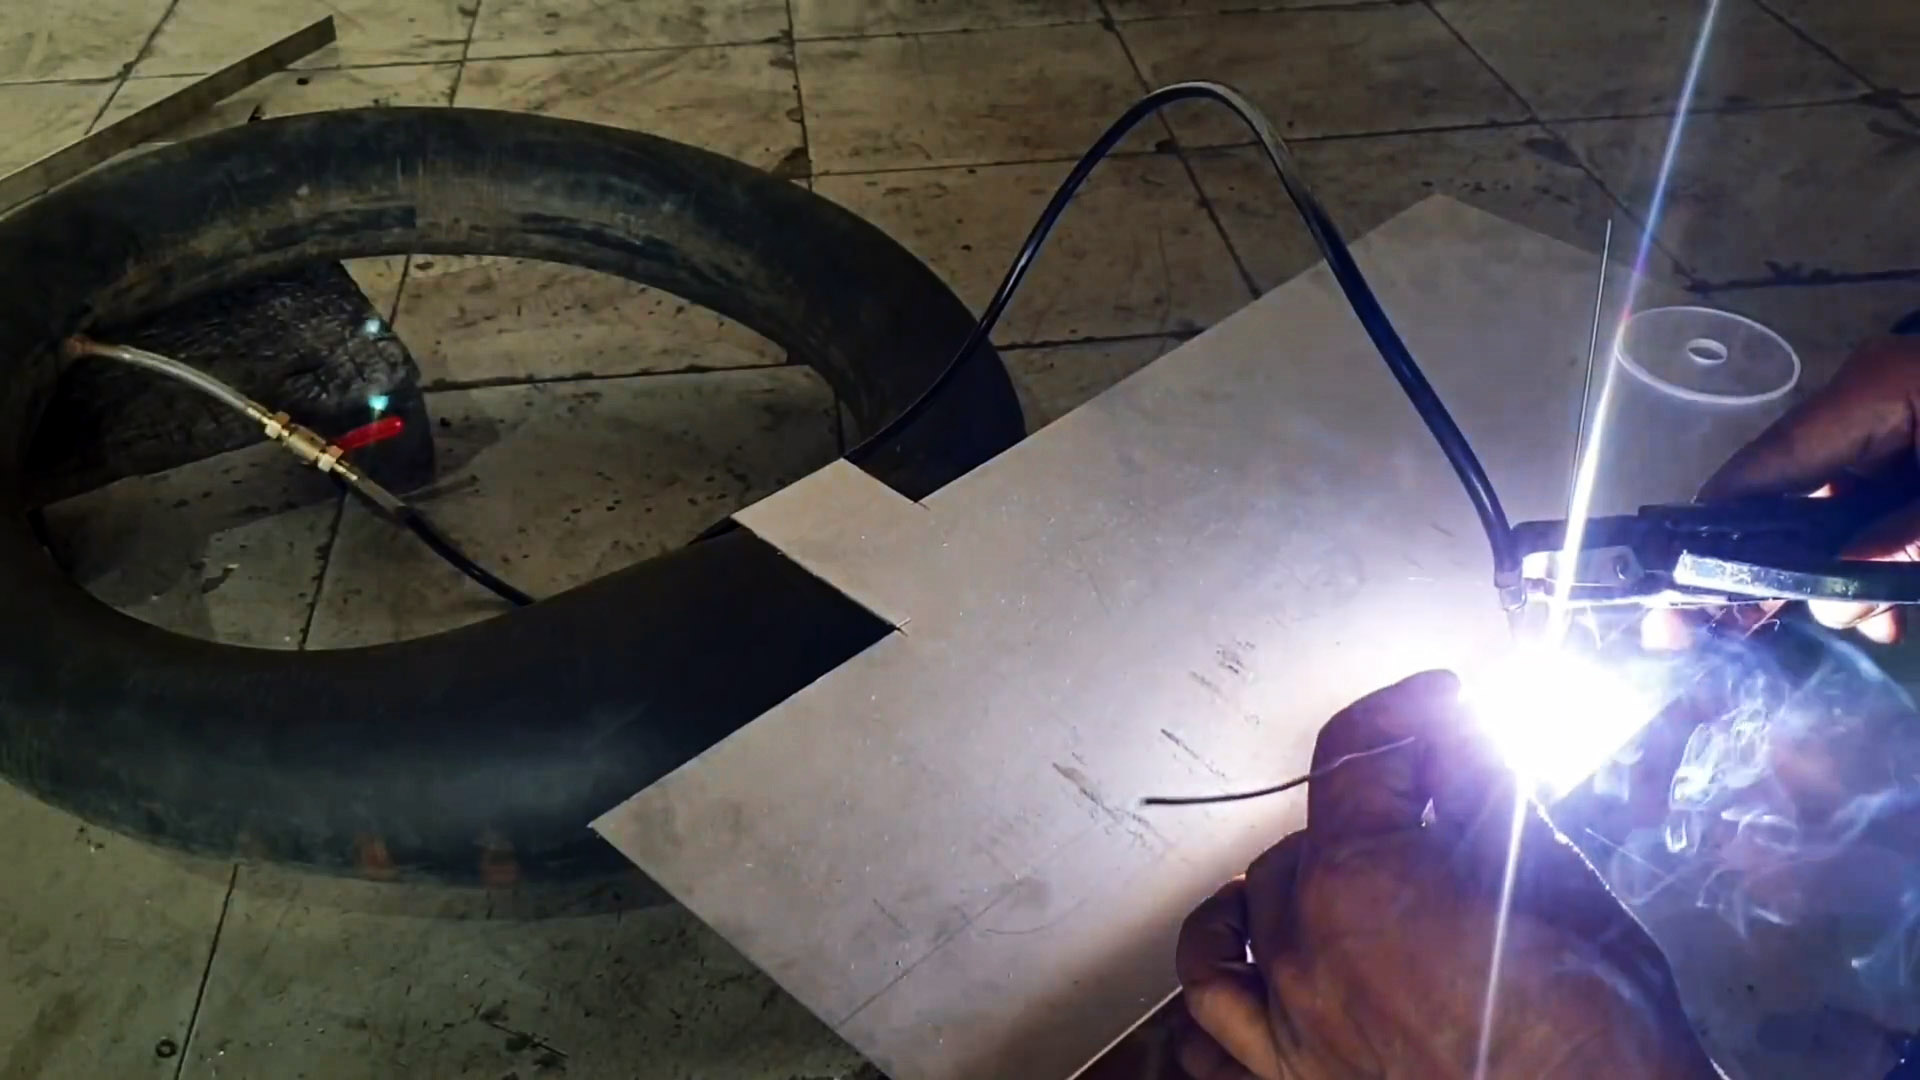 Как сделать TIG сварку из обычного инвертора и качестве баллона использовать автомобильную камеру